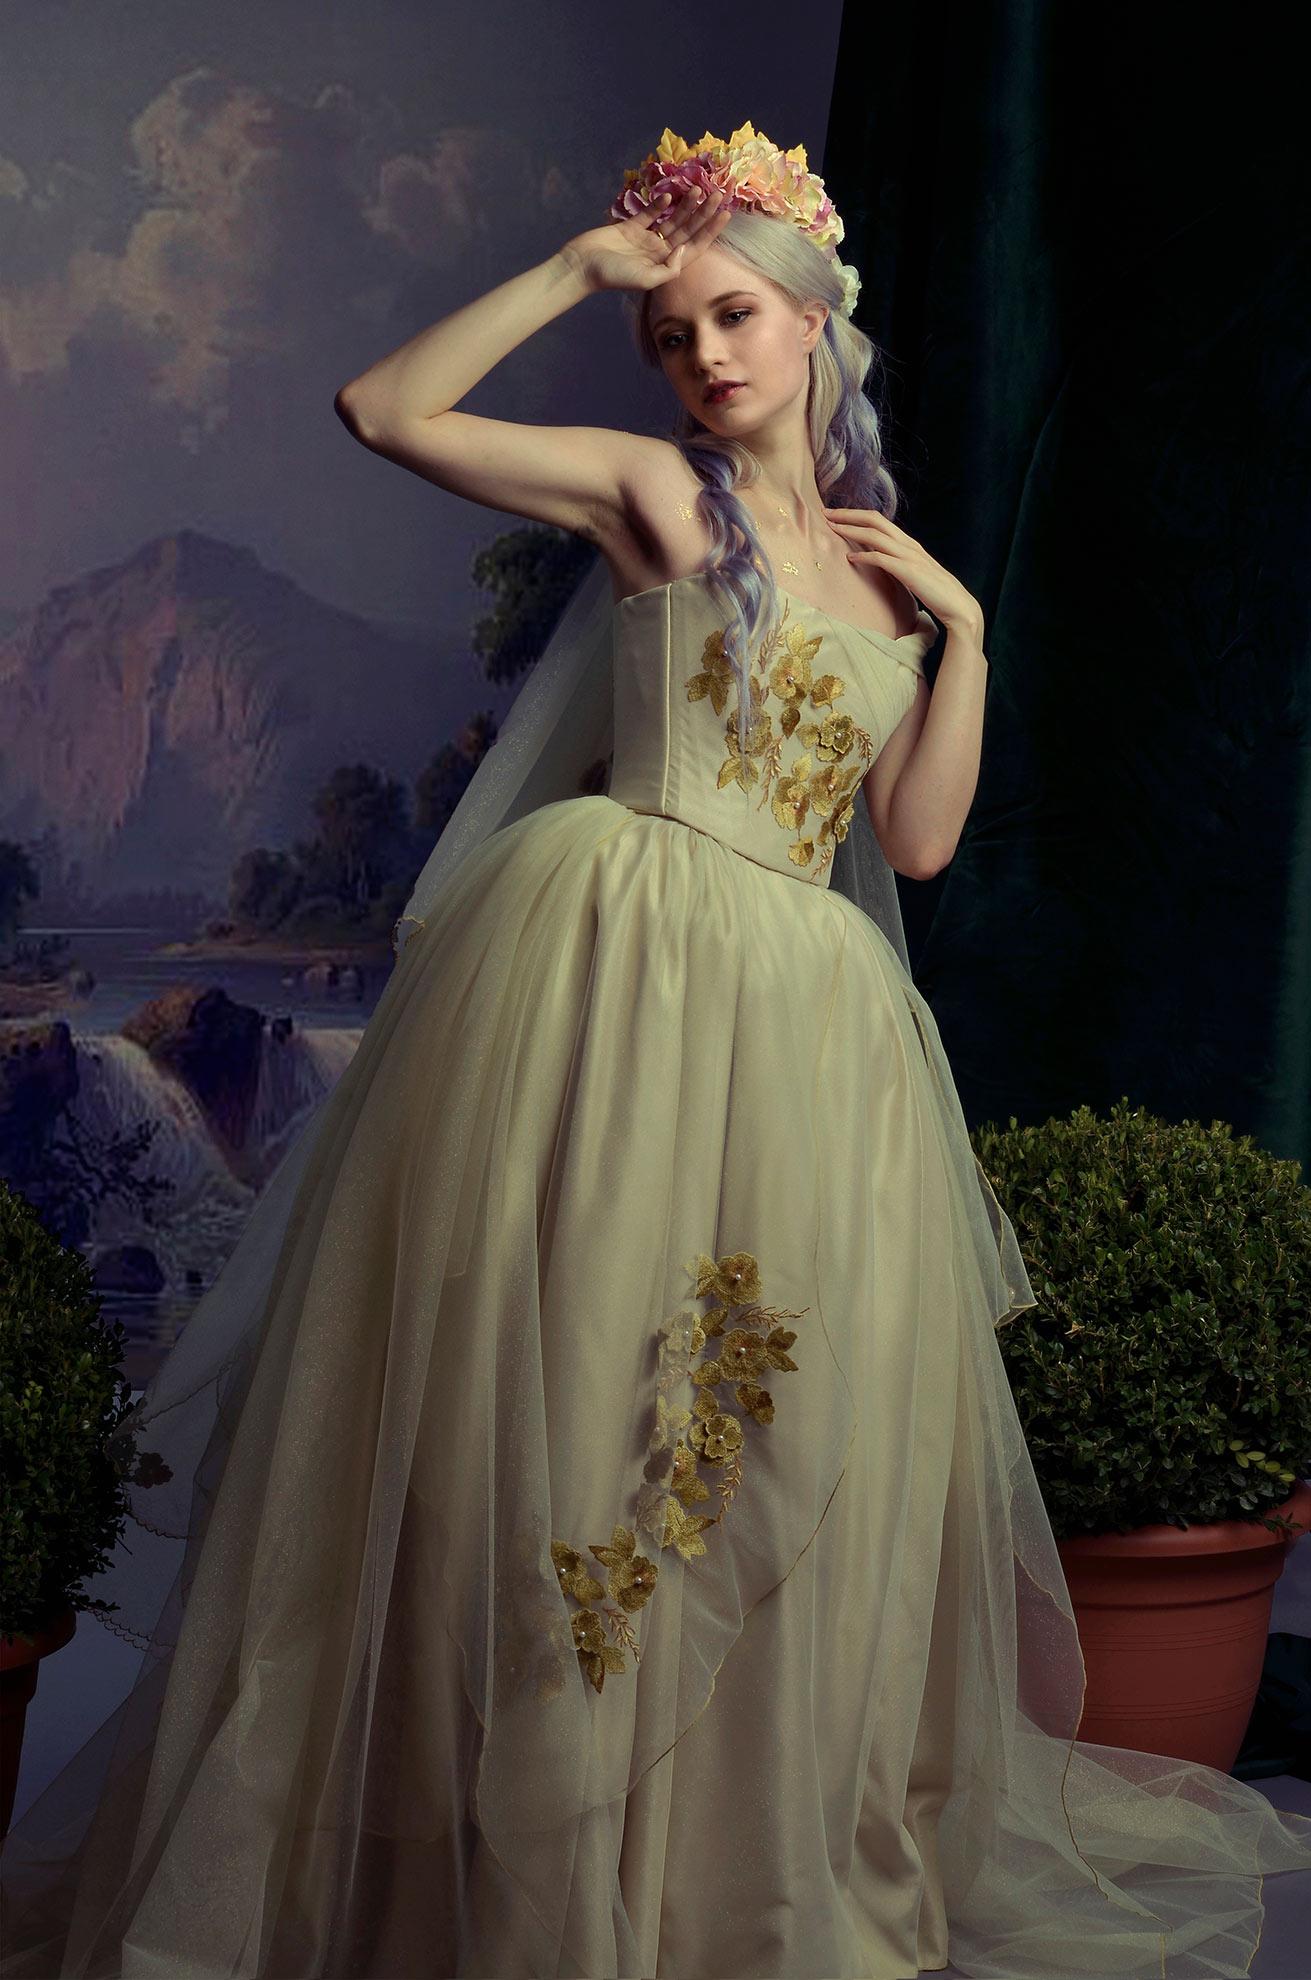 ritratto-fotografico-fine-art-fantasy-margaret-di-erica-mottin-1